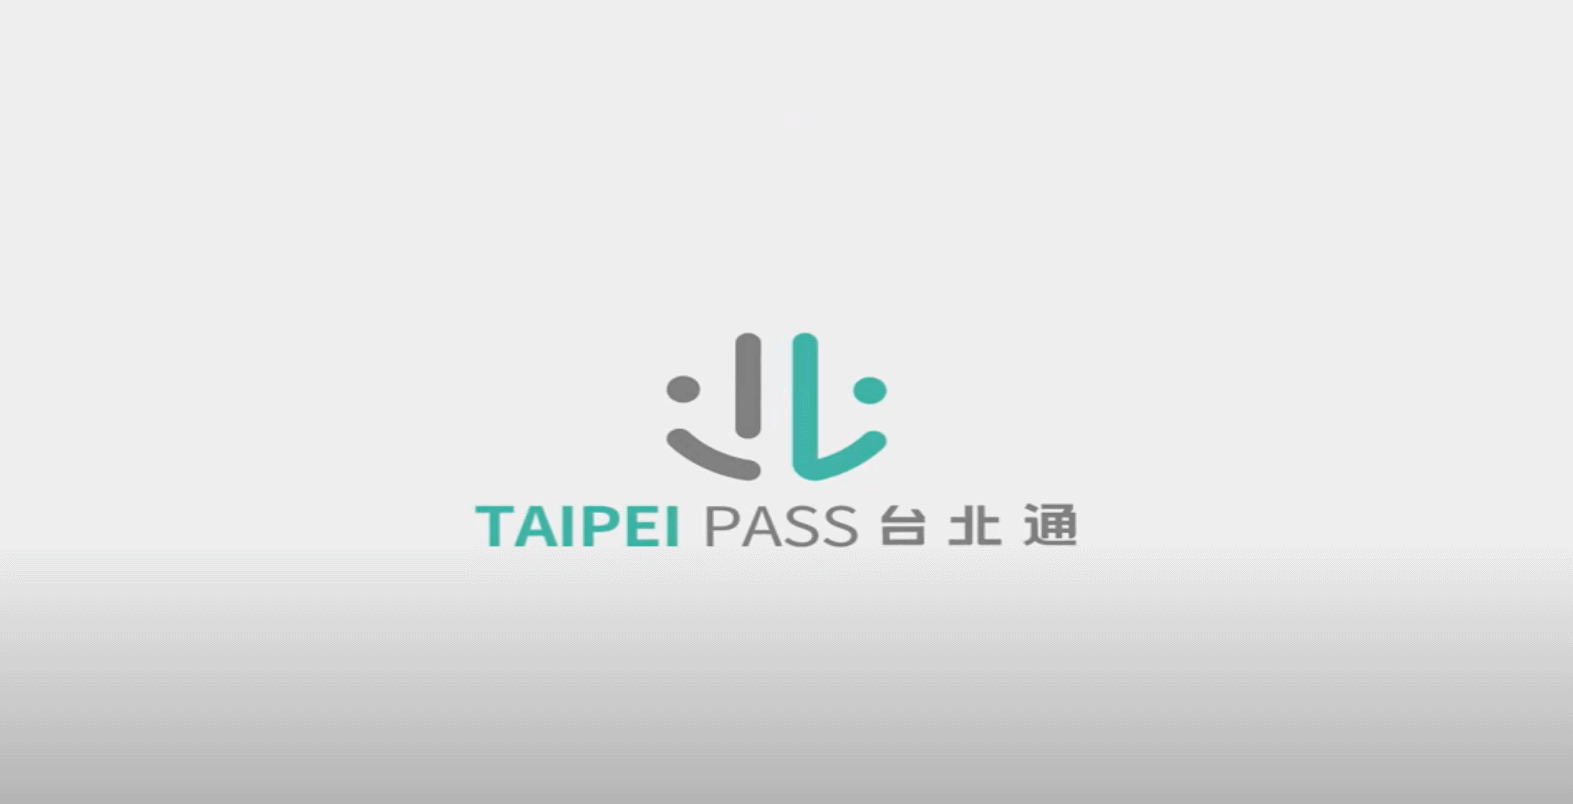 臺北通:臺北事 便利通